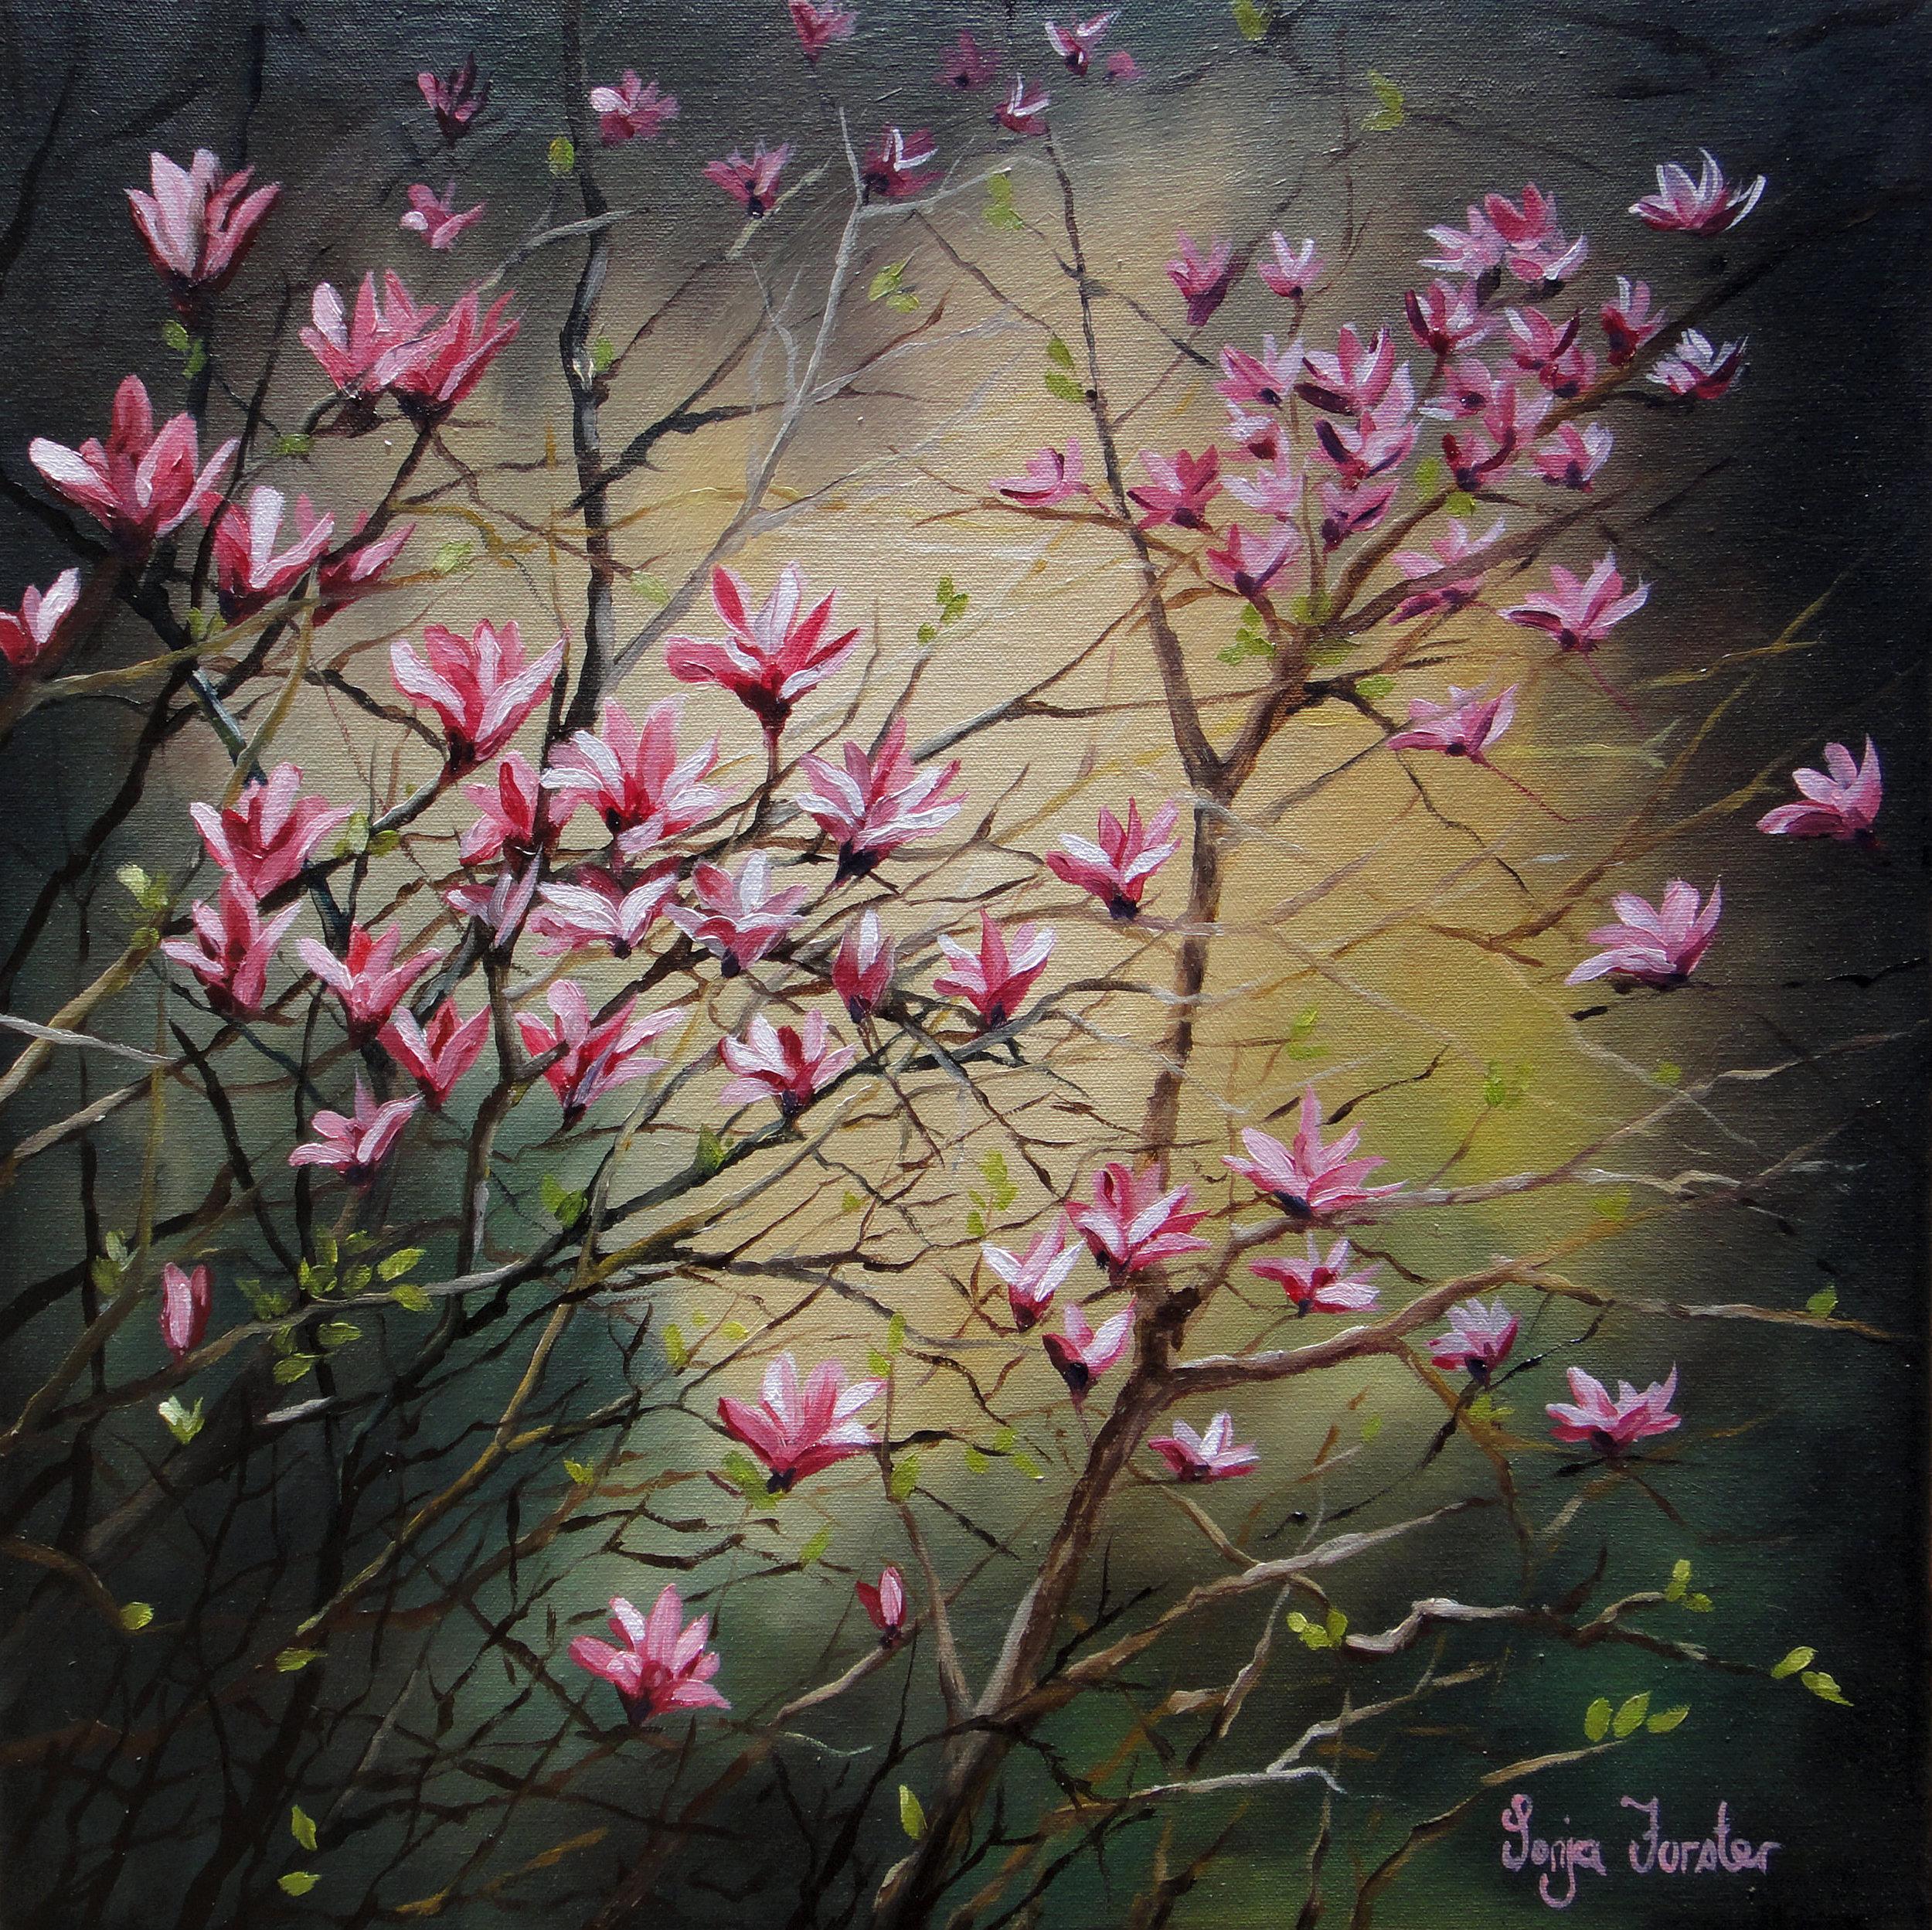 Sonja Forster Art - Spring Blossoms.jpg